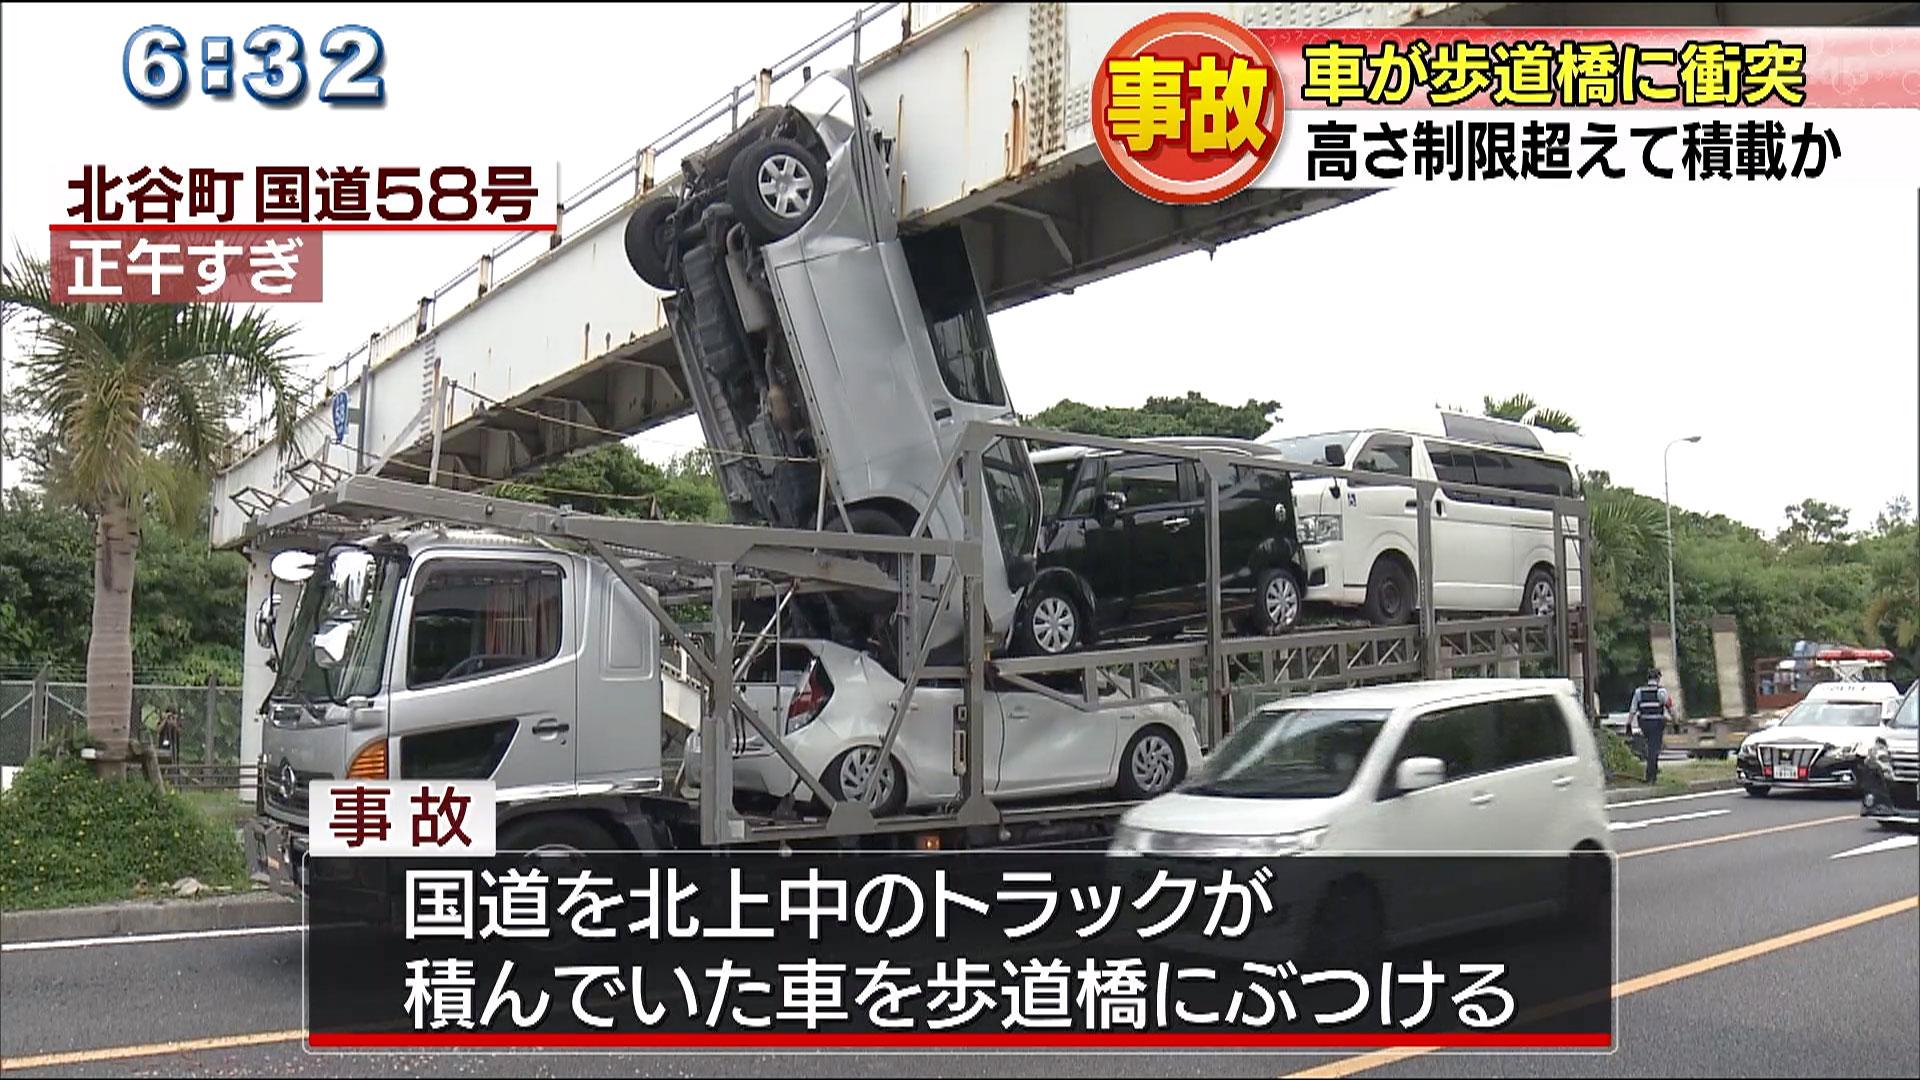 トラックに積んだ車が歩道橋にぶつかる